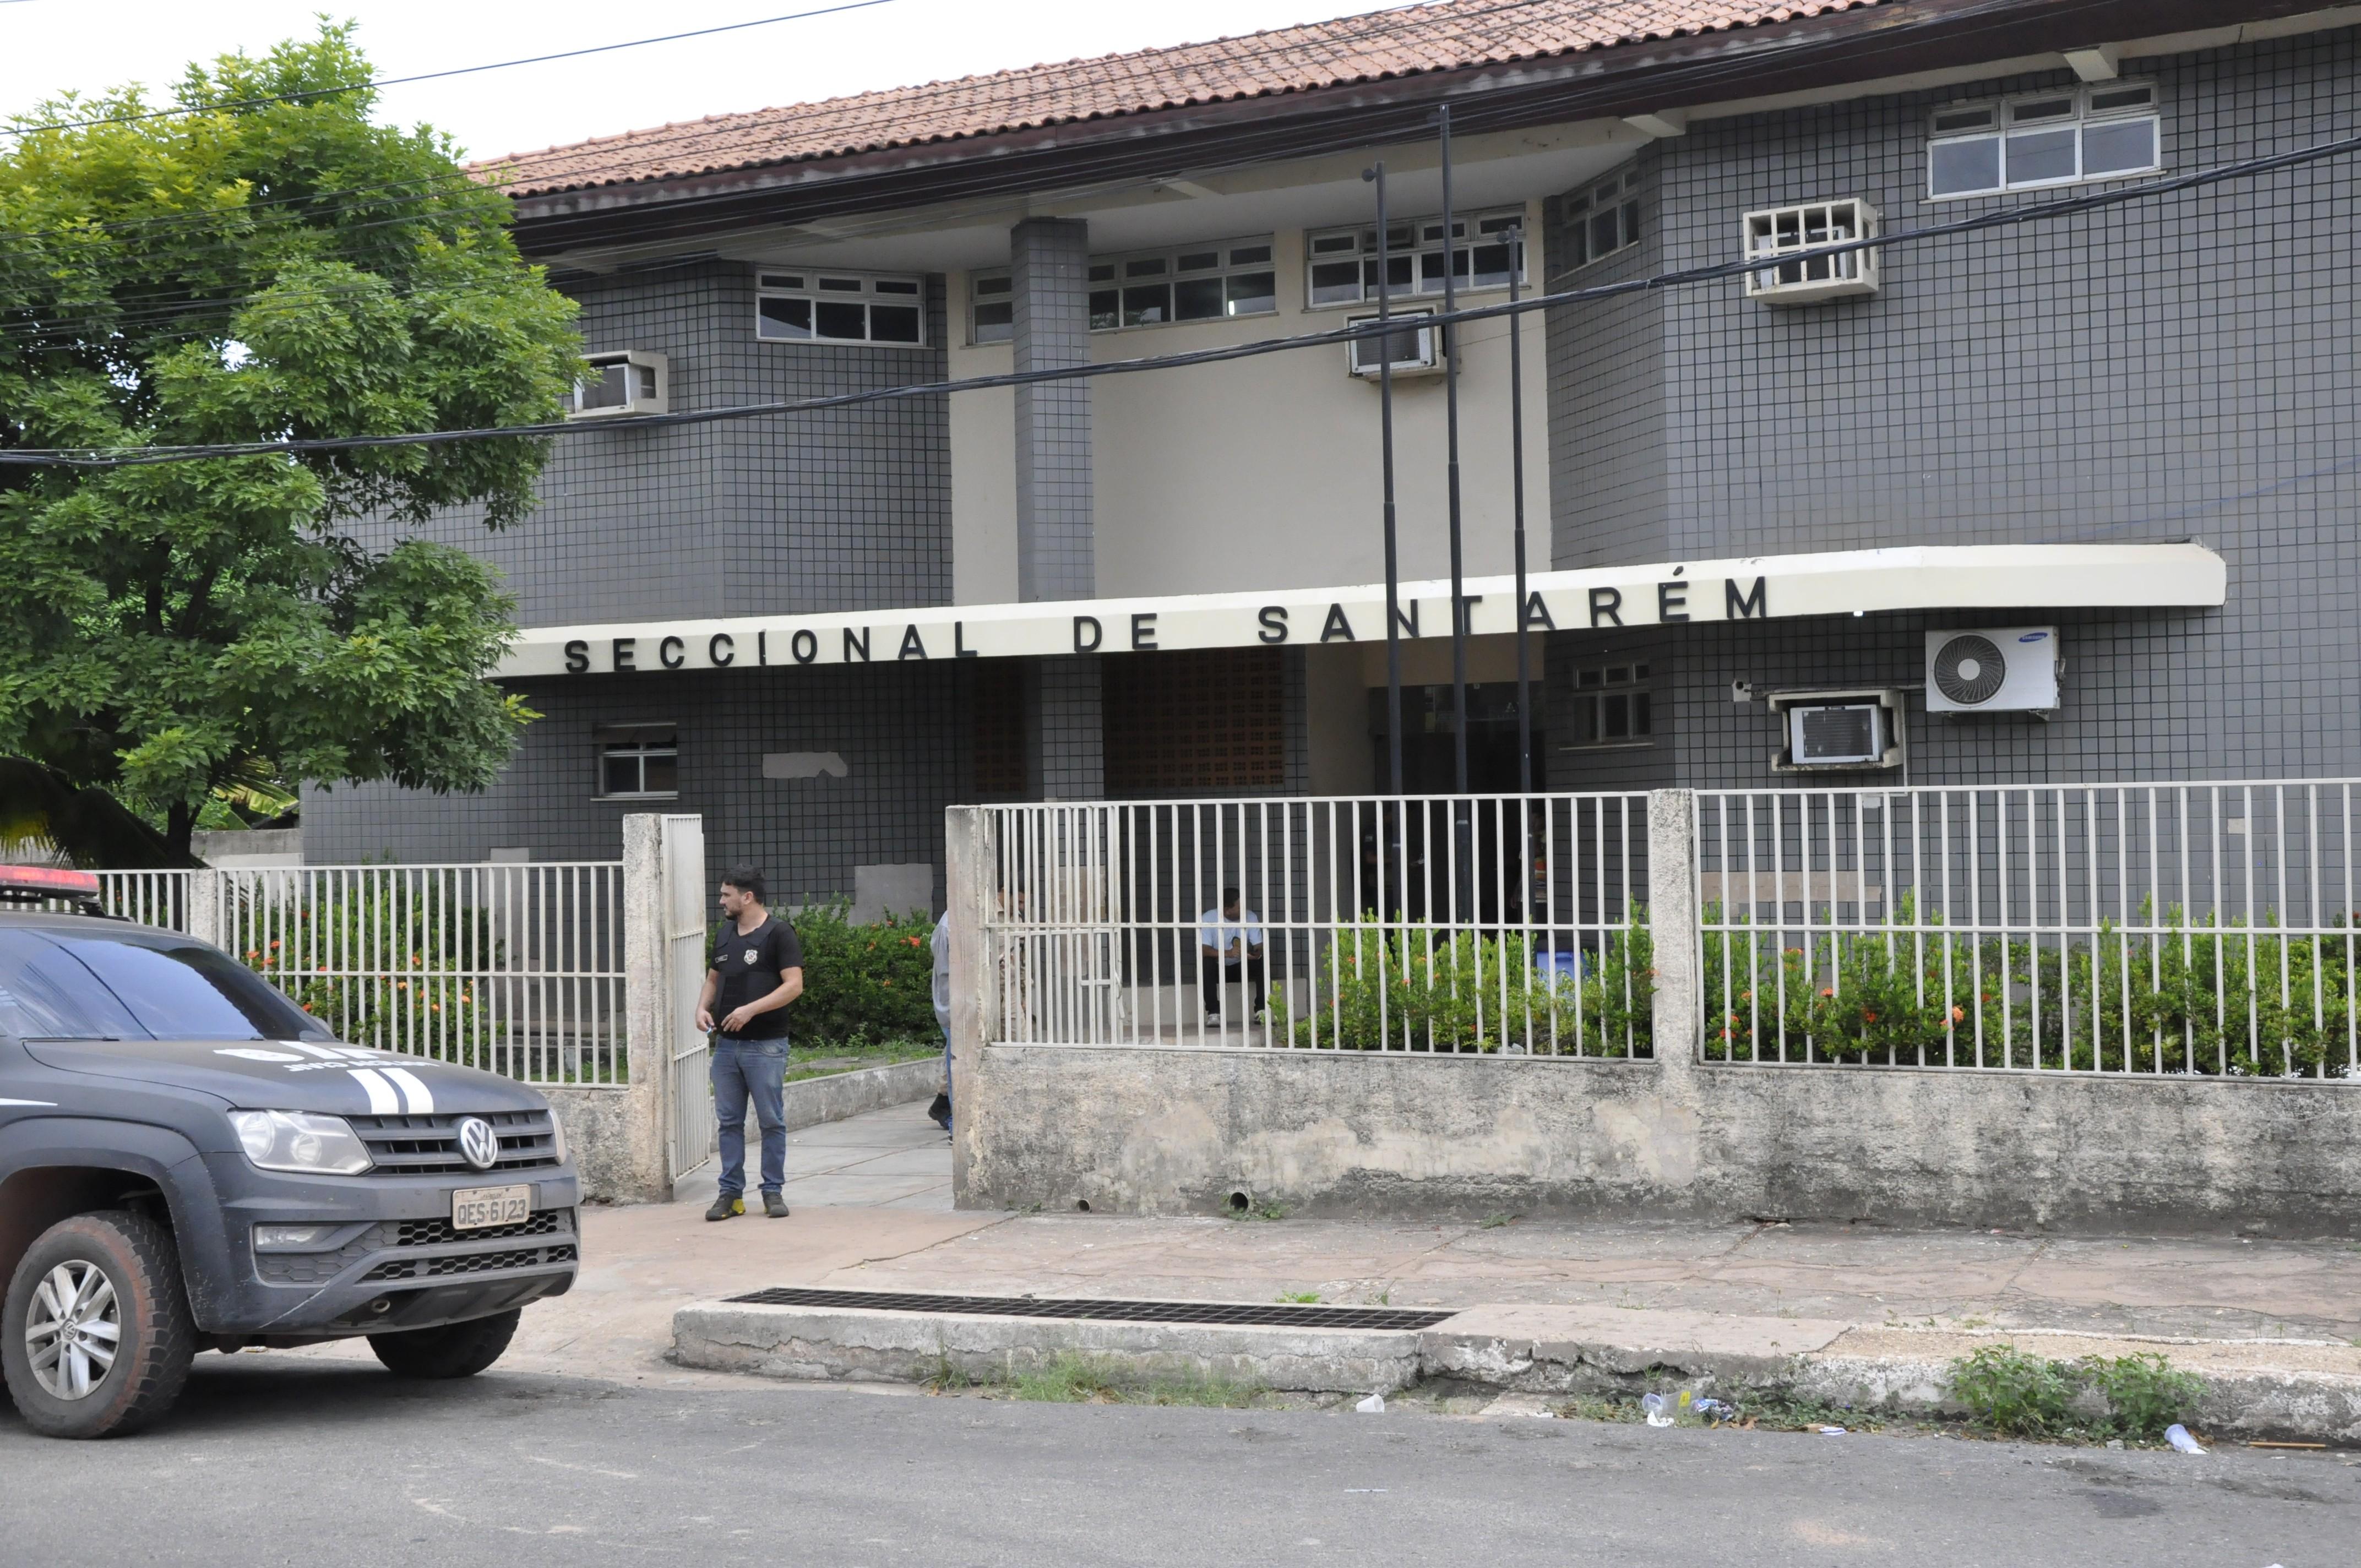 Plantão policial: embriagado, jovem conduz veículo, bate em motociclista e vai preso em Santarém